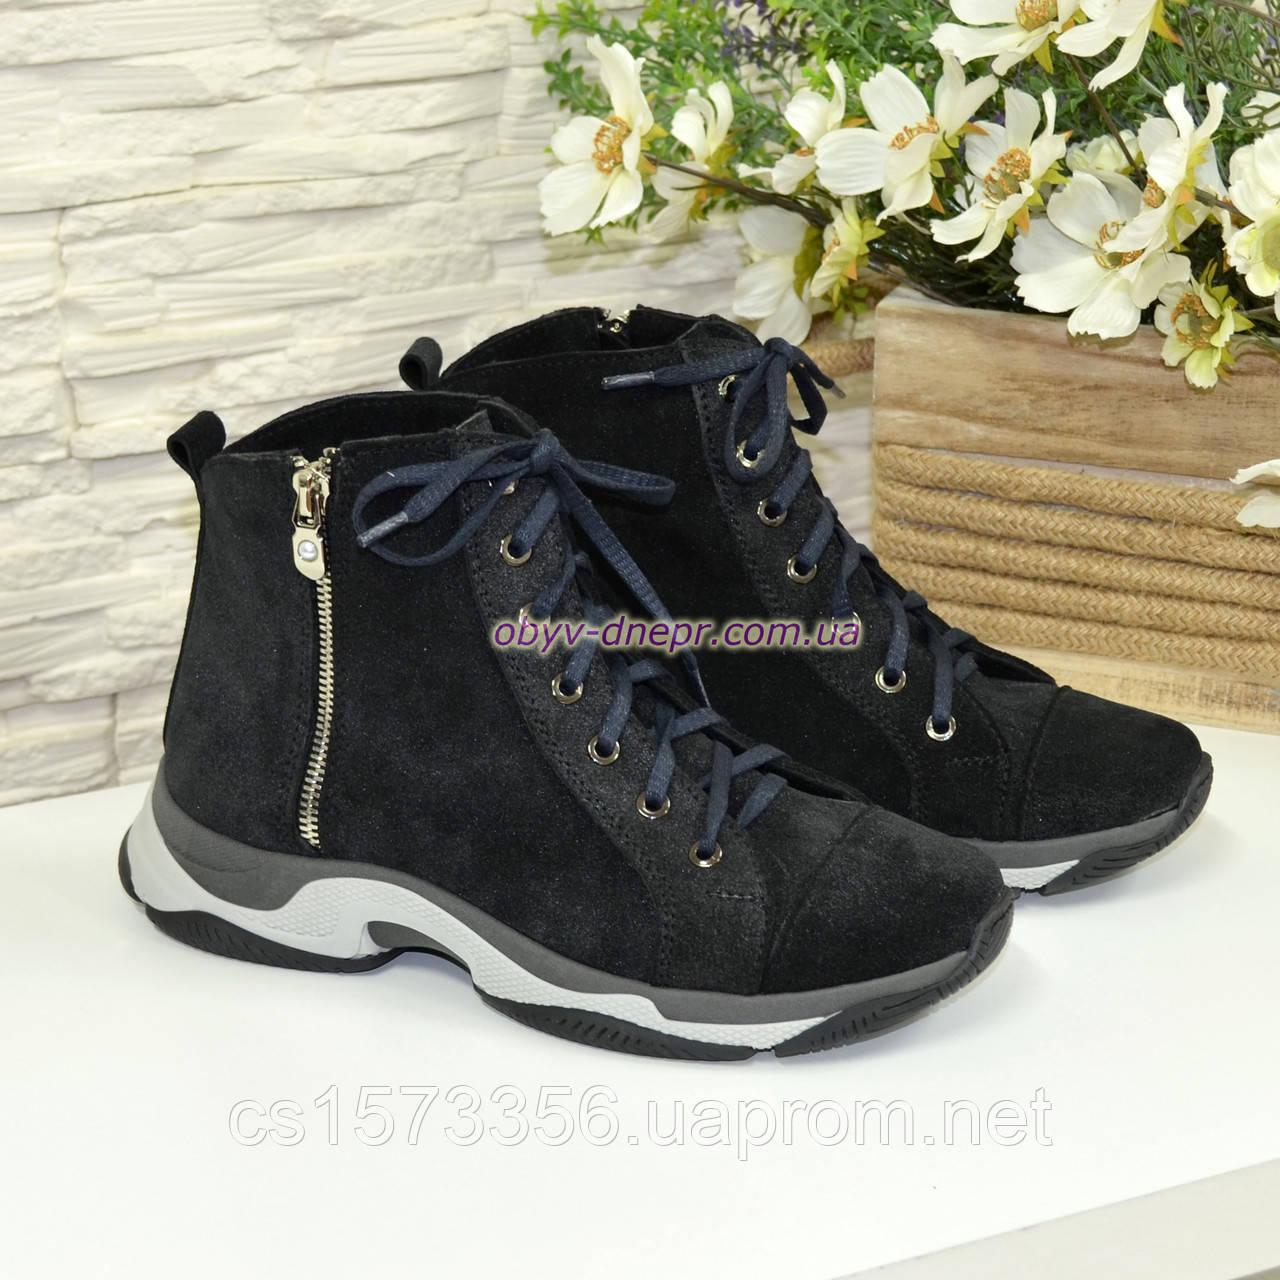 Женские демисезонные ботинки на шнуровке, натуральная замша с лазерным напылением